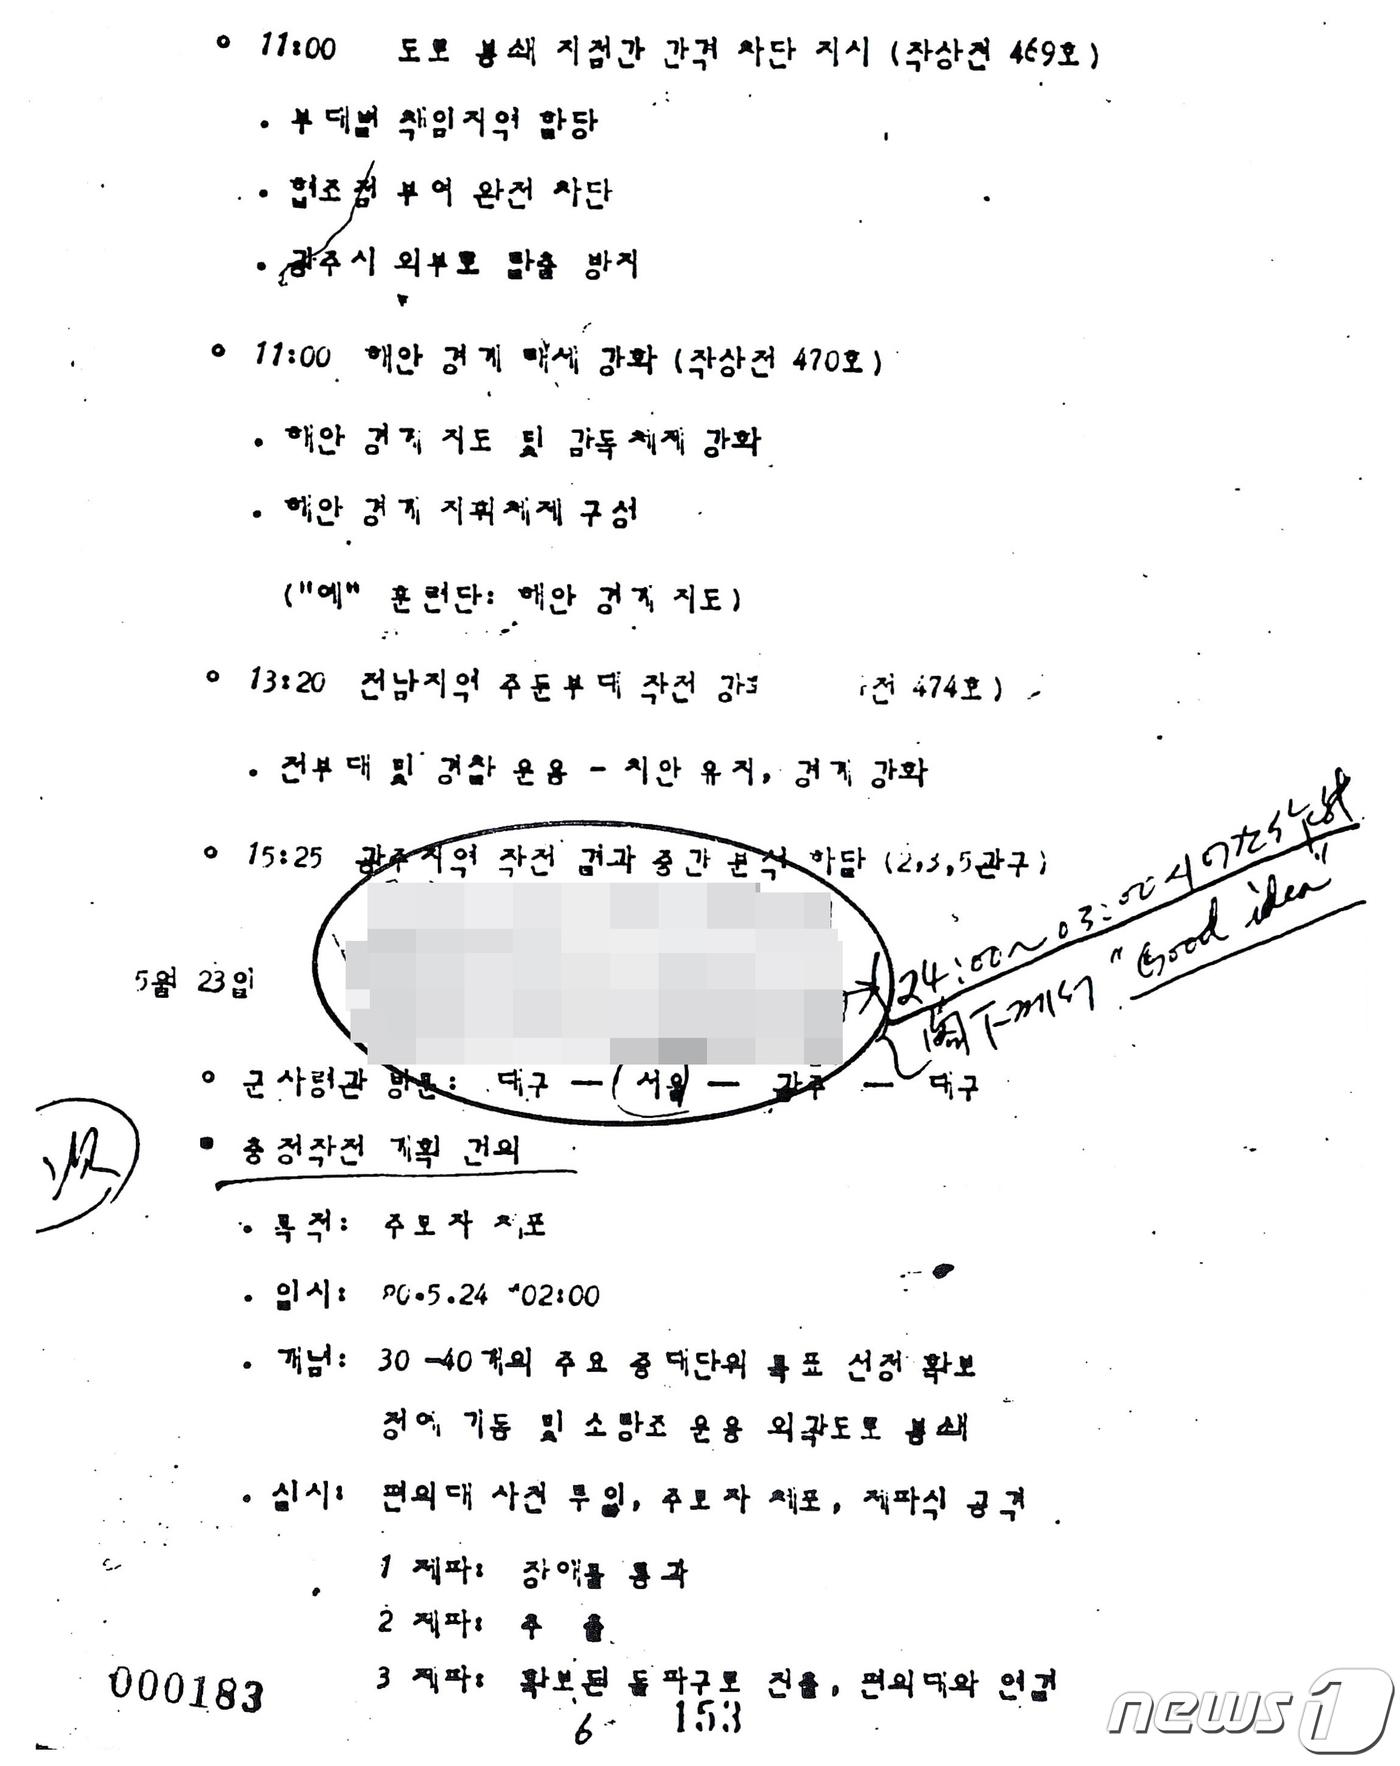 전두환, 5·18 유혈진압 계획 보고 받고 '굿 아이디어' 칭찬[보물섬 토토|new 토토]